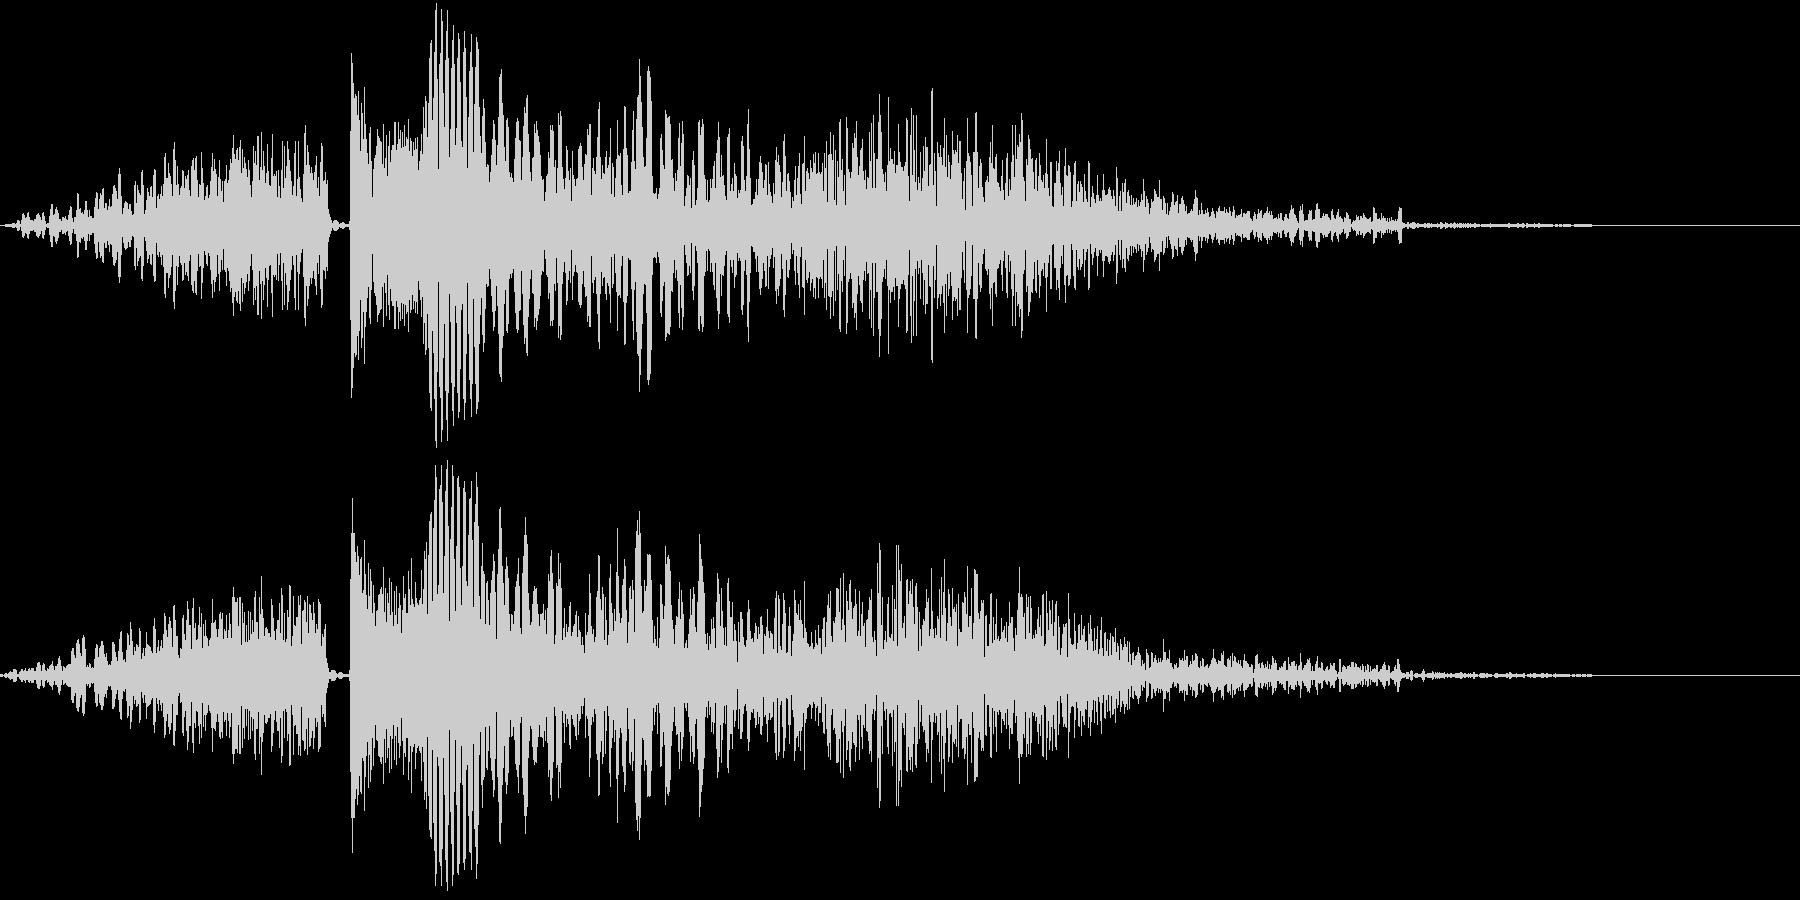 シューティング SFビーム発射音4の未再生の波形